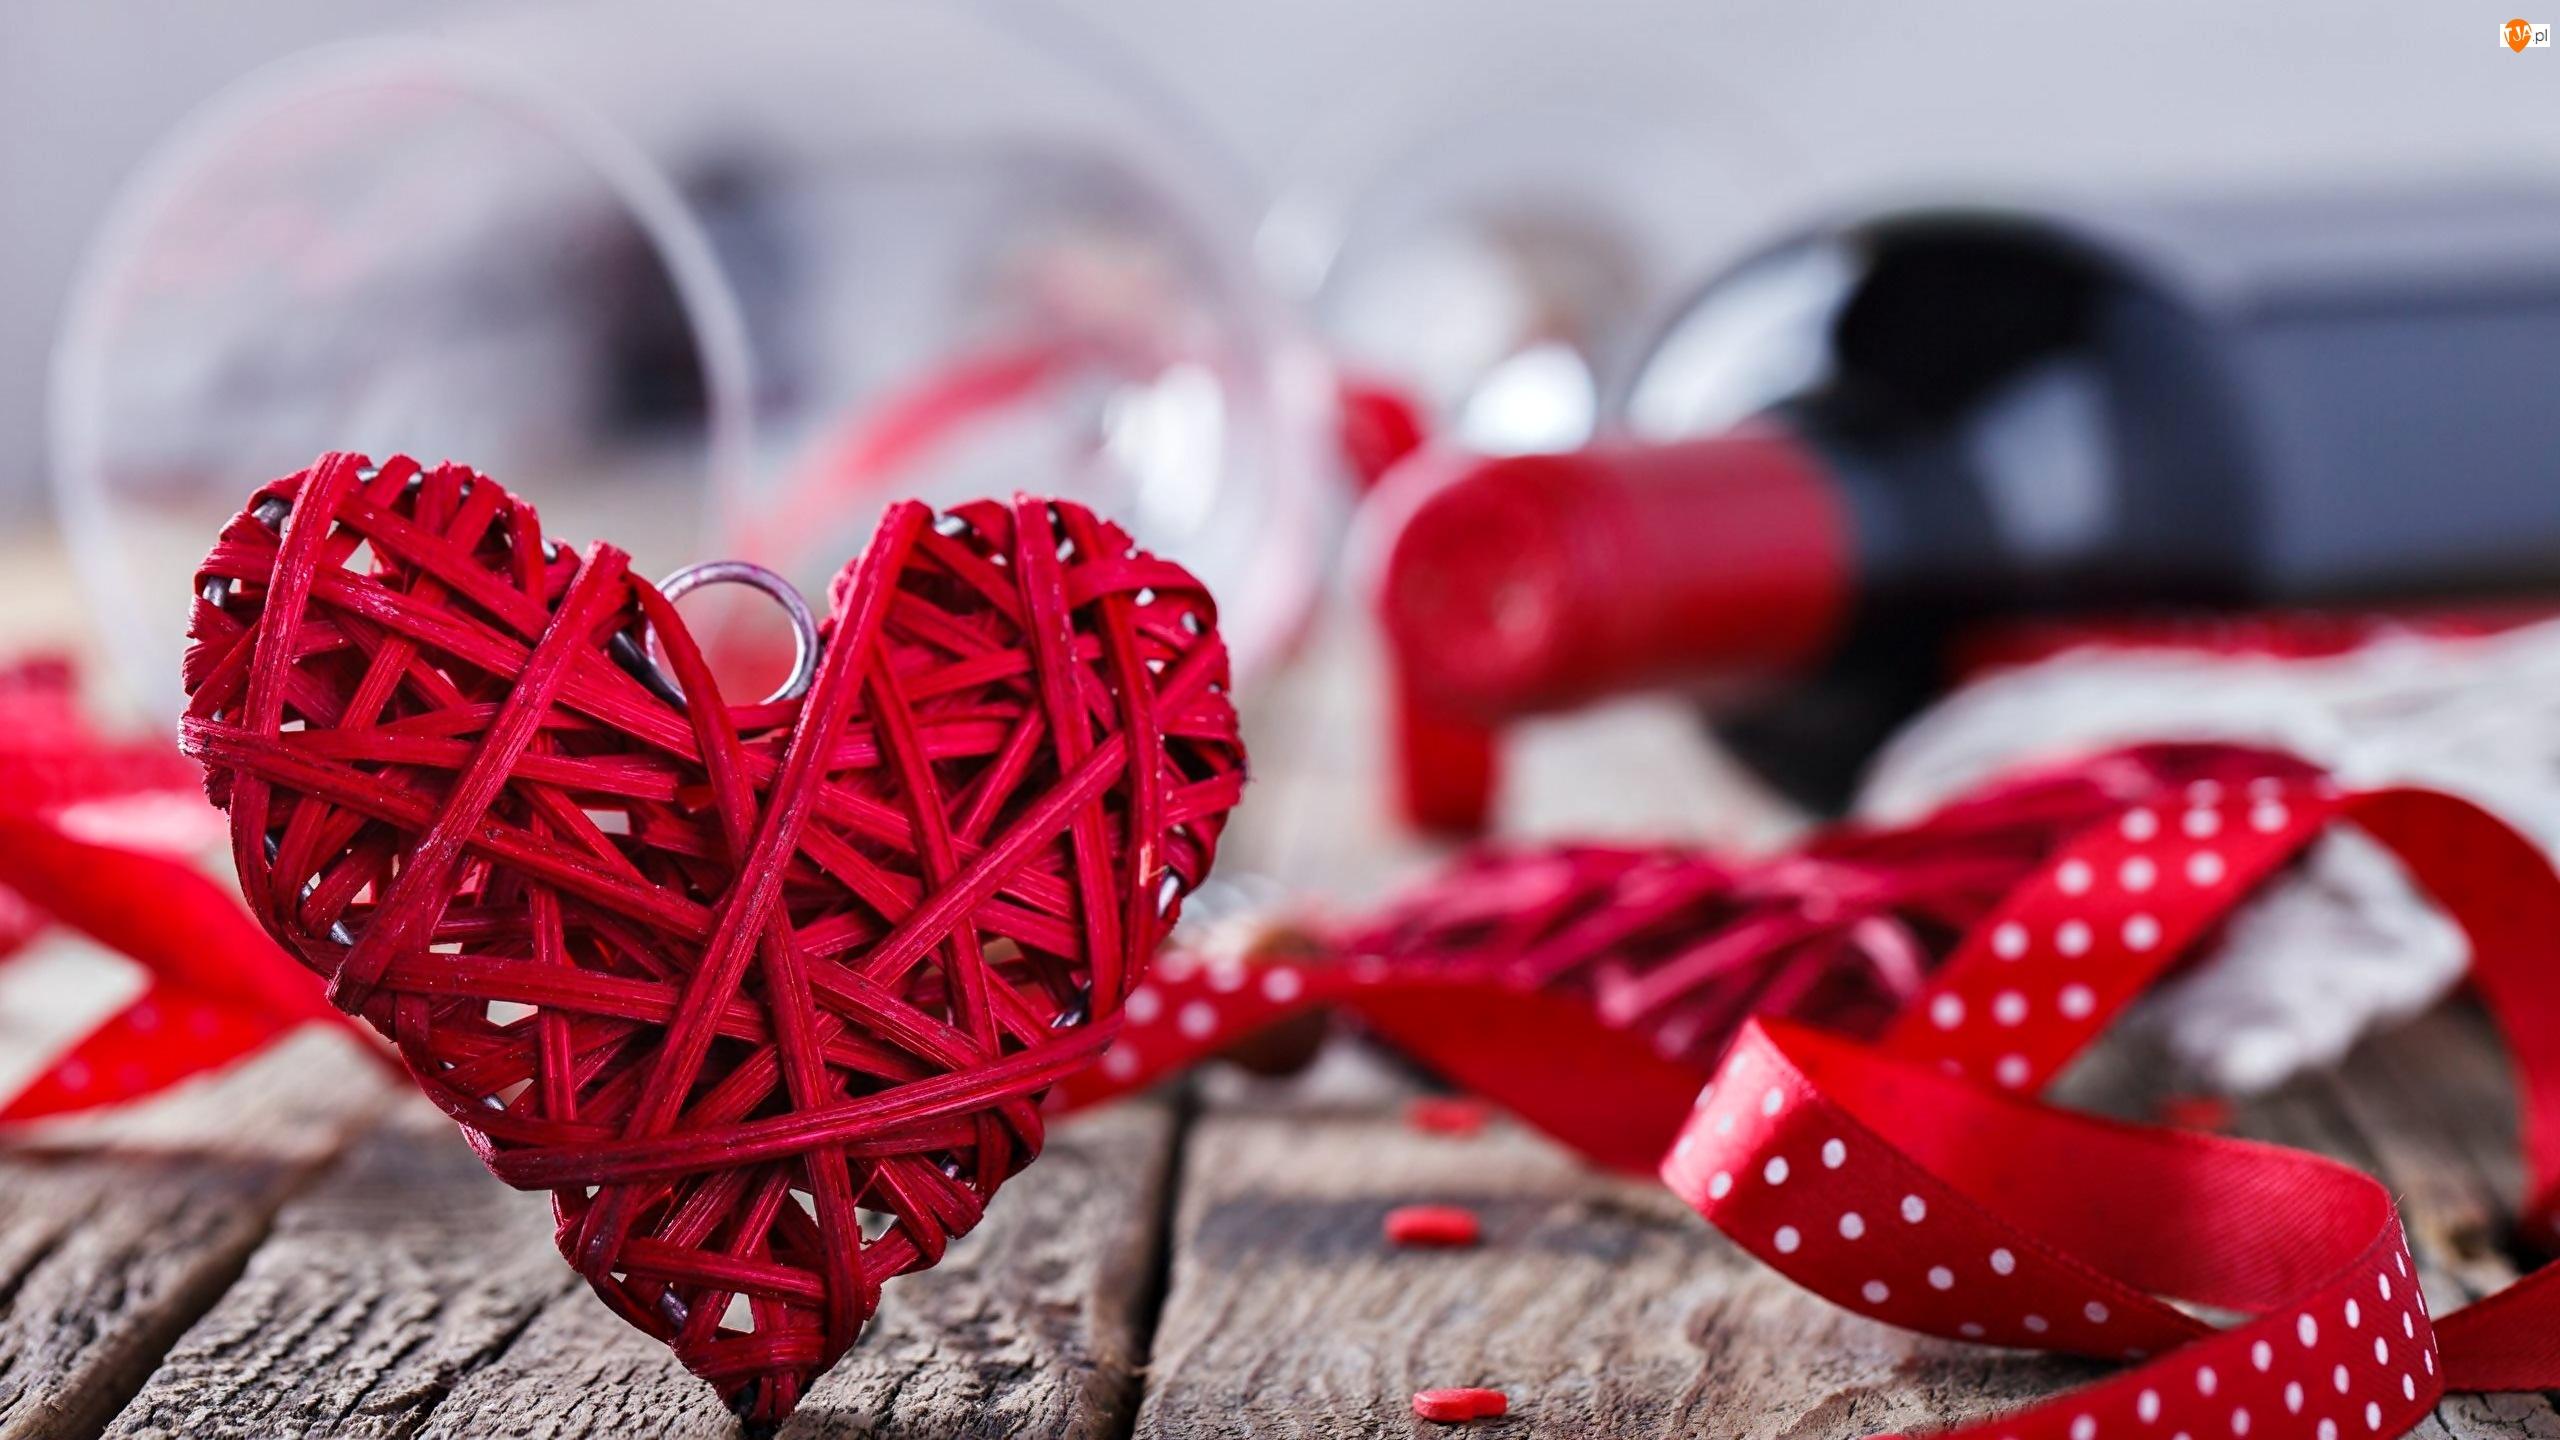 Butelka, Walentynki, Serce, Czerwone, Wstążki